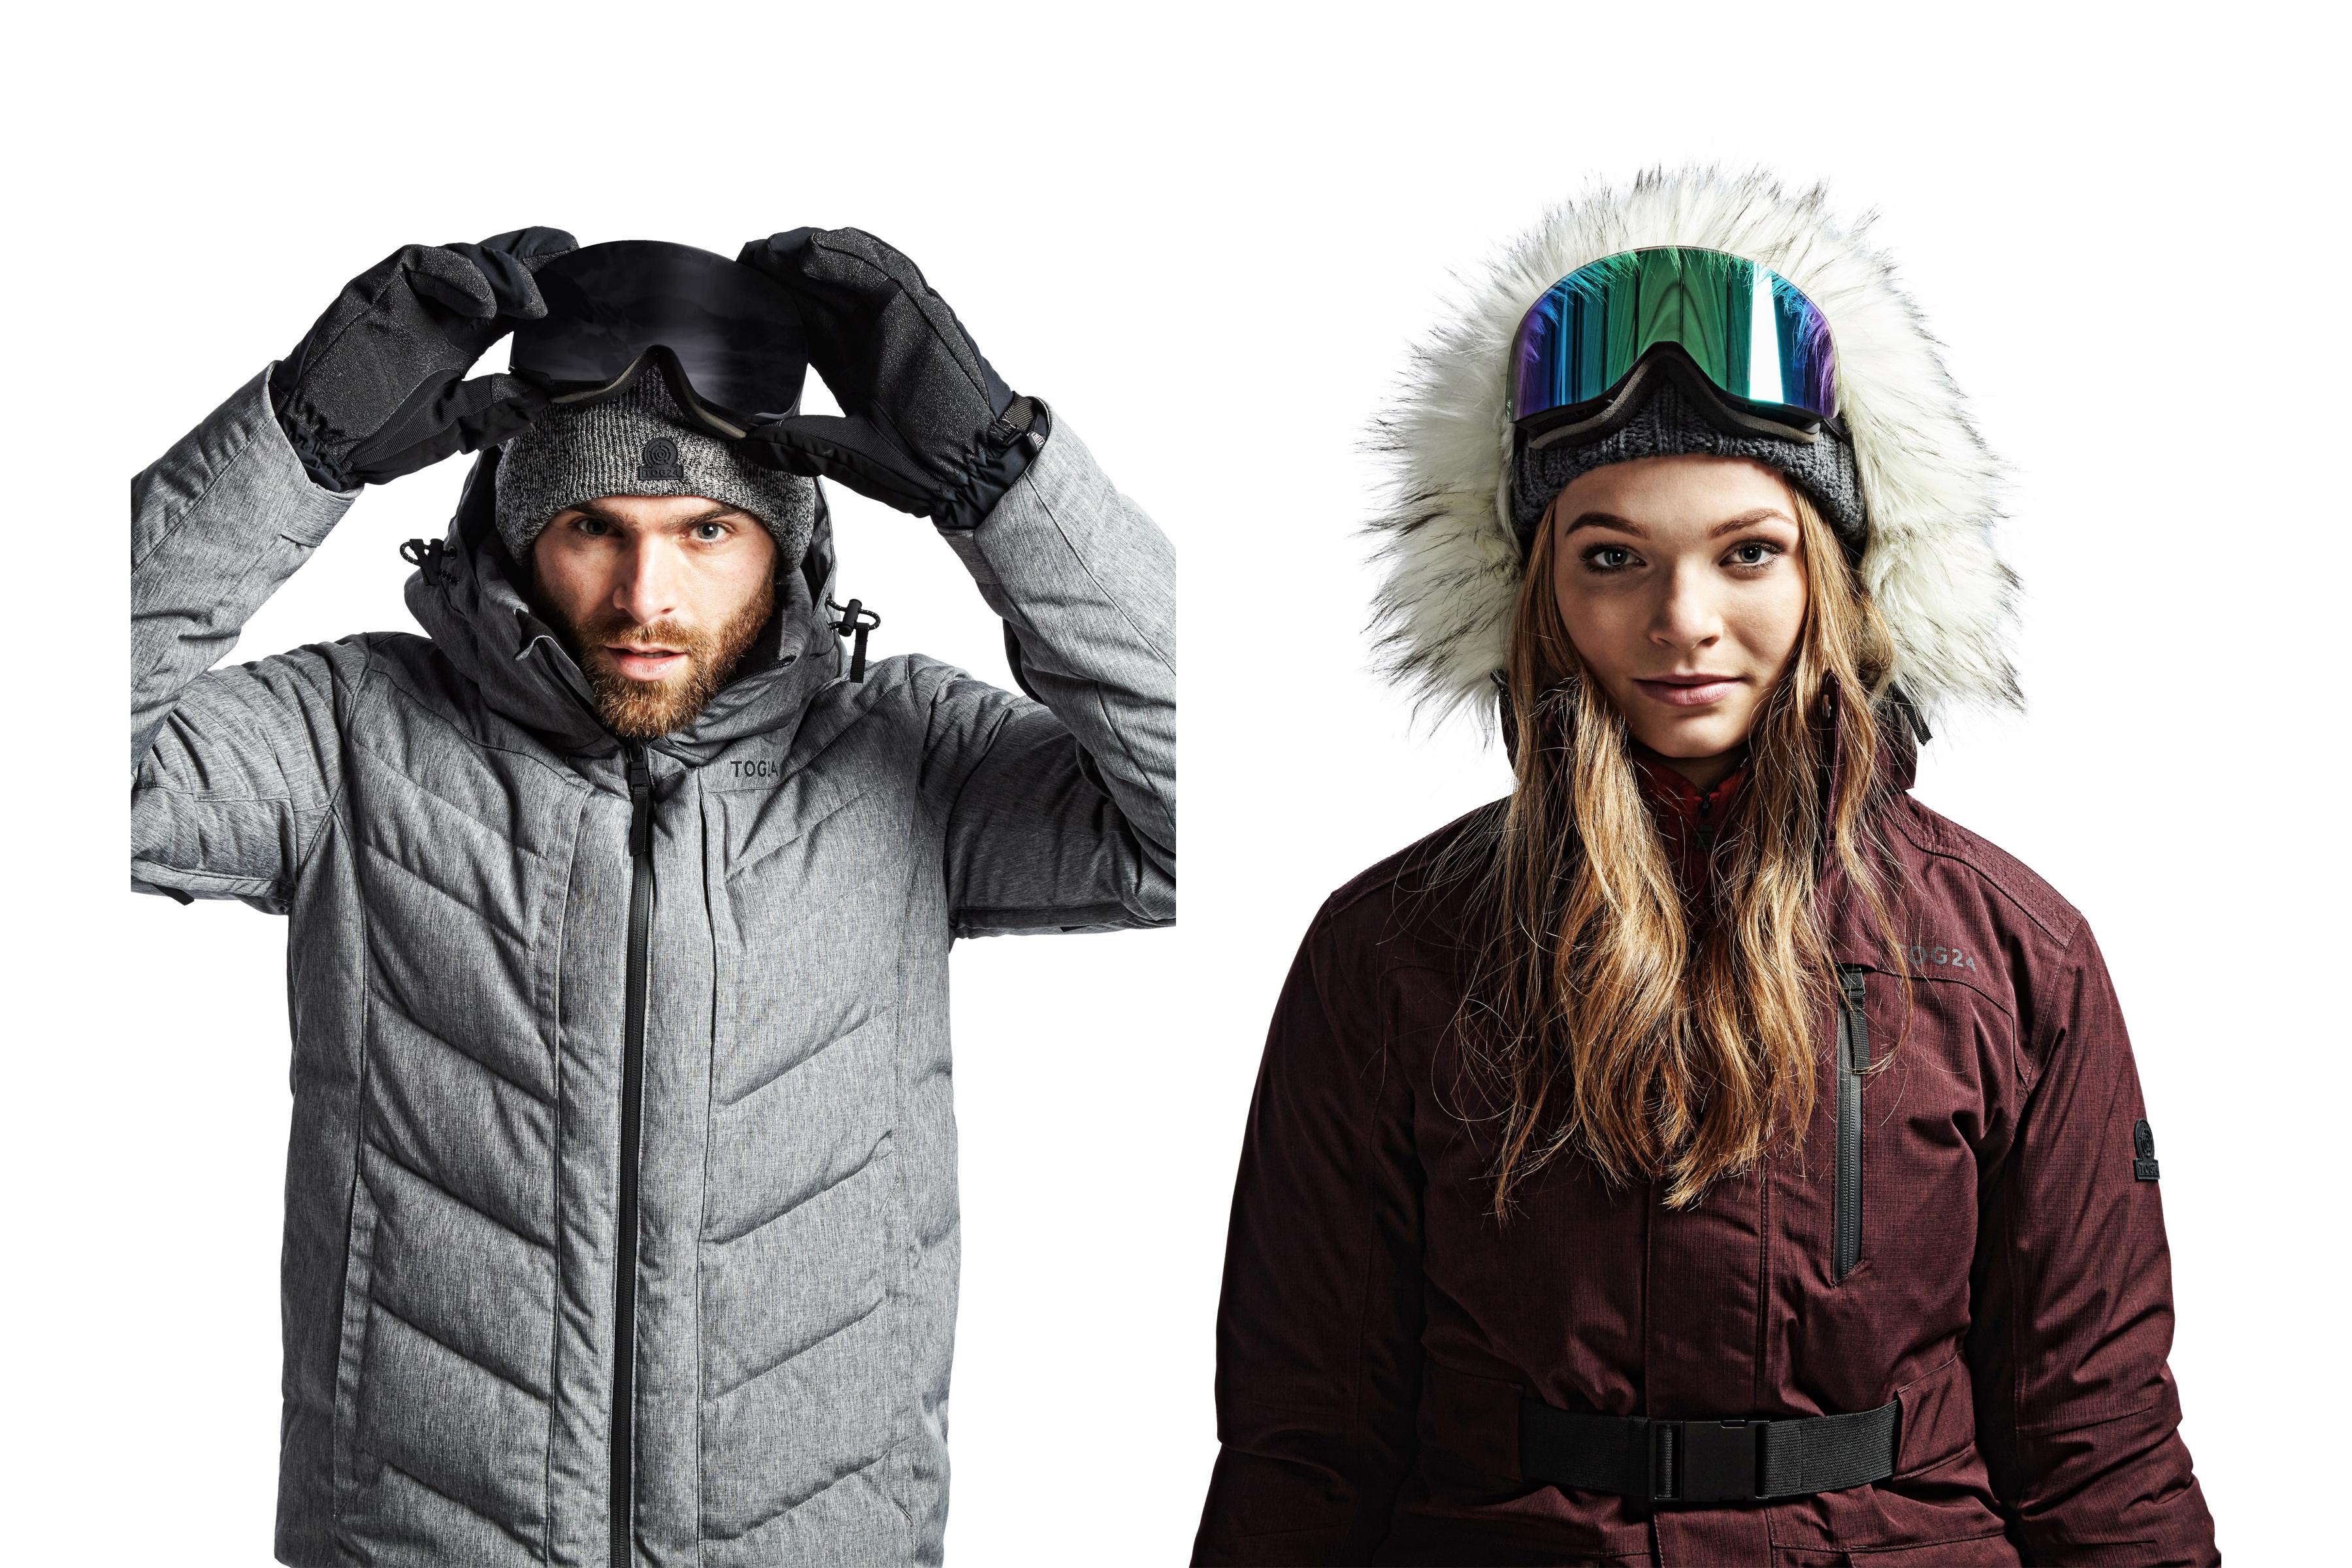 TOG 24 ski collection looks sensational